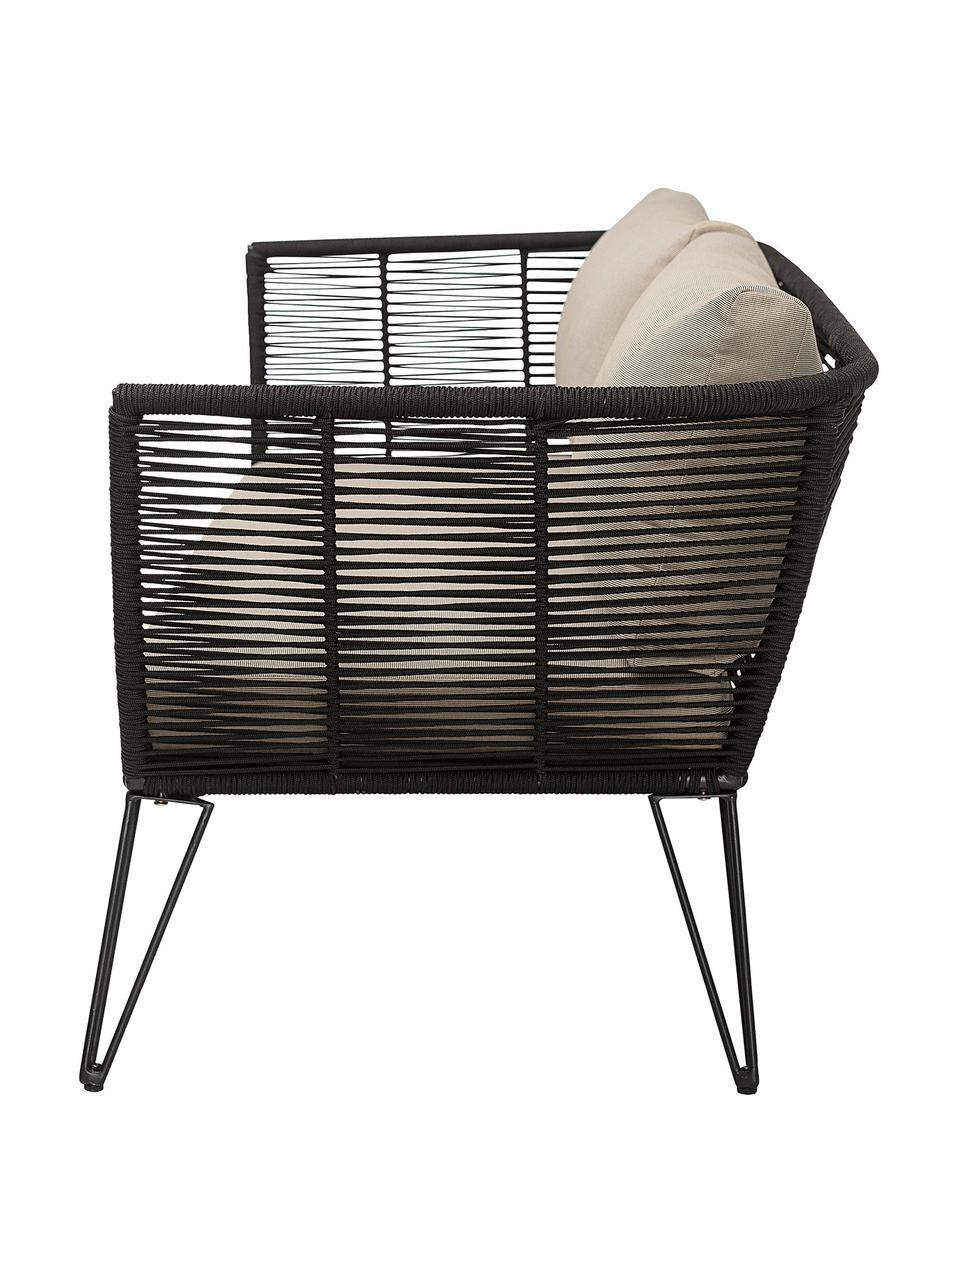 Garten-Loungesofa Mundo mit Kunststoff-Geflecht (2-Sitzer), Gestell: Metall, pulverbeschichtet, Sitzfläche: Polyethylen, Bezug: Polyester, Beige, B 175 x T 74 cm